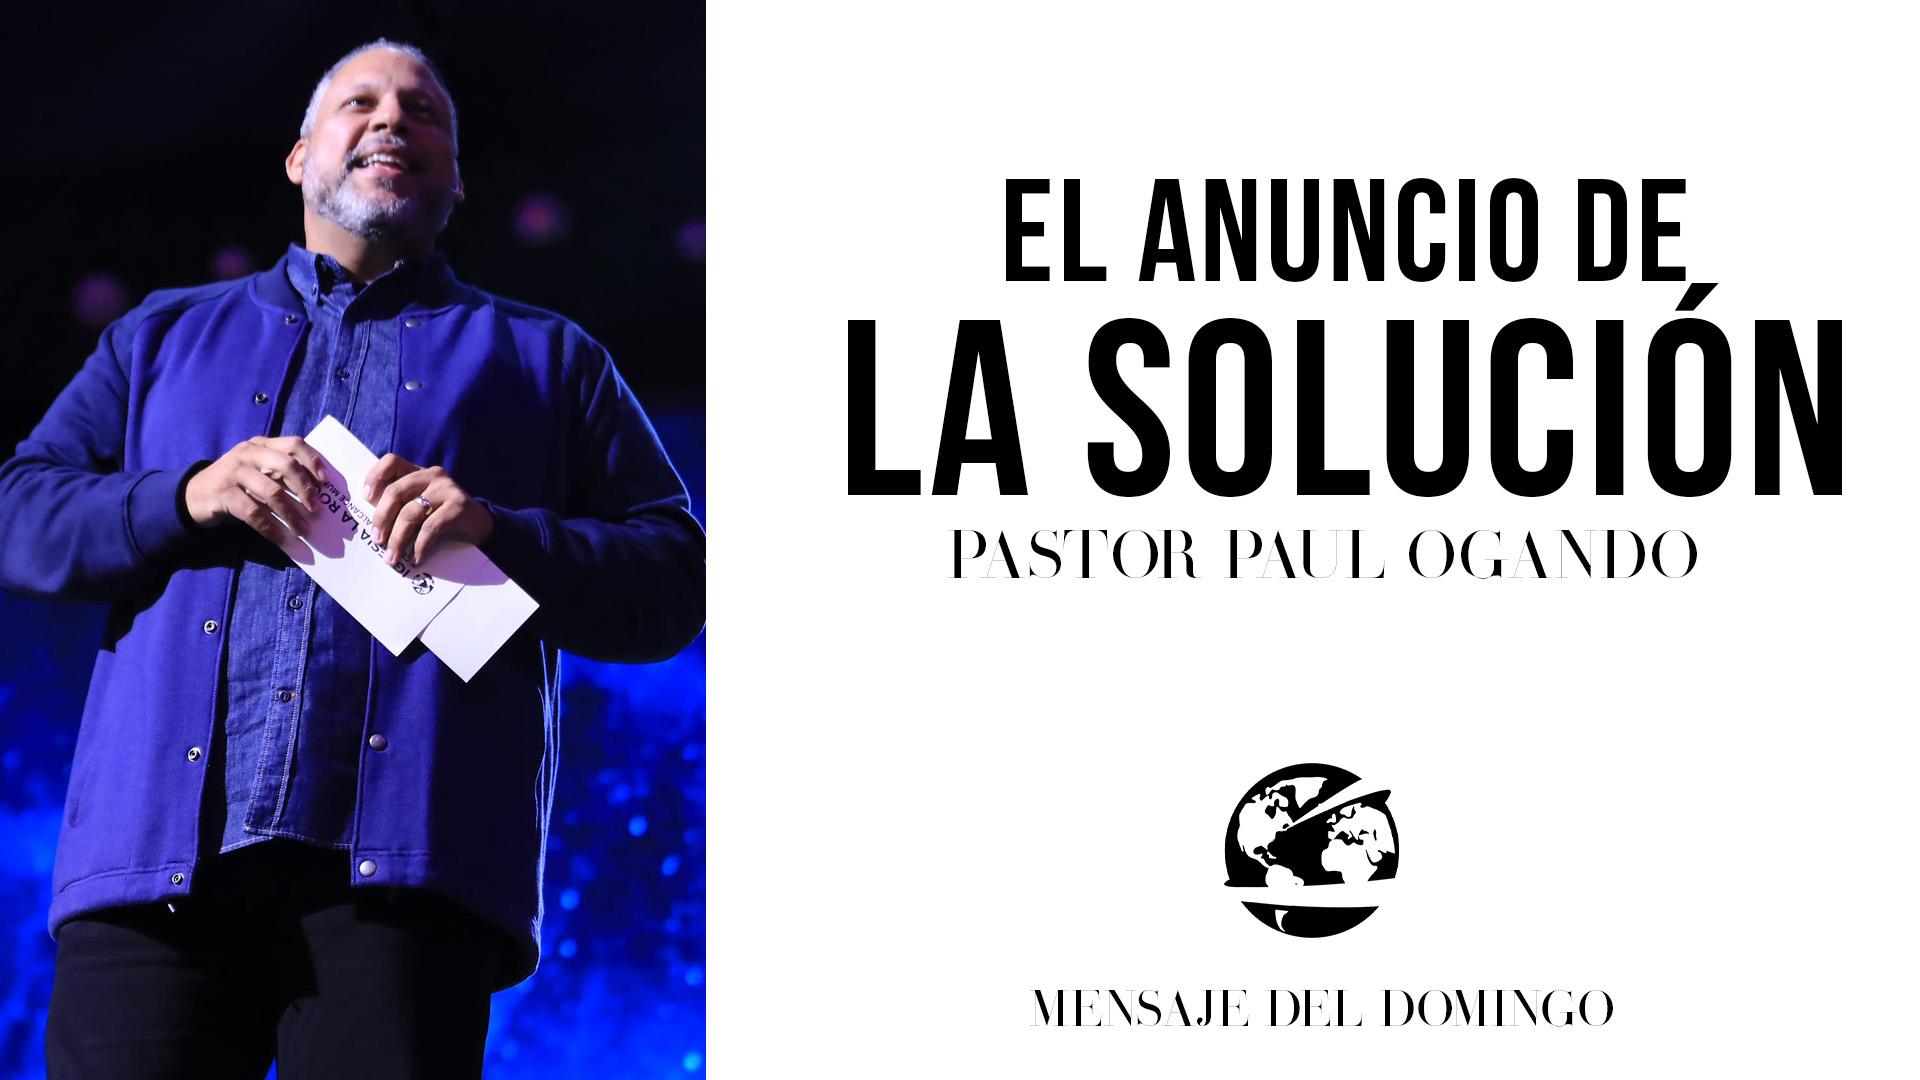 Watch El Anuncio de la Solución